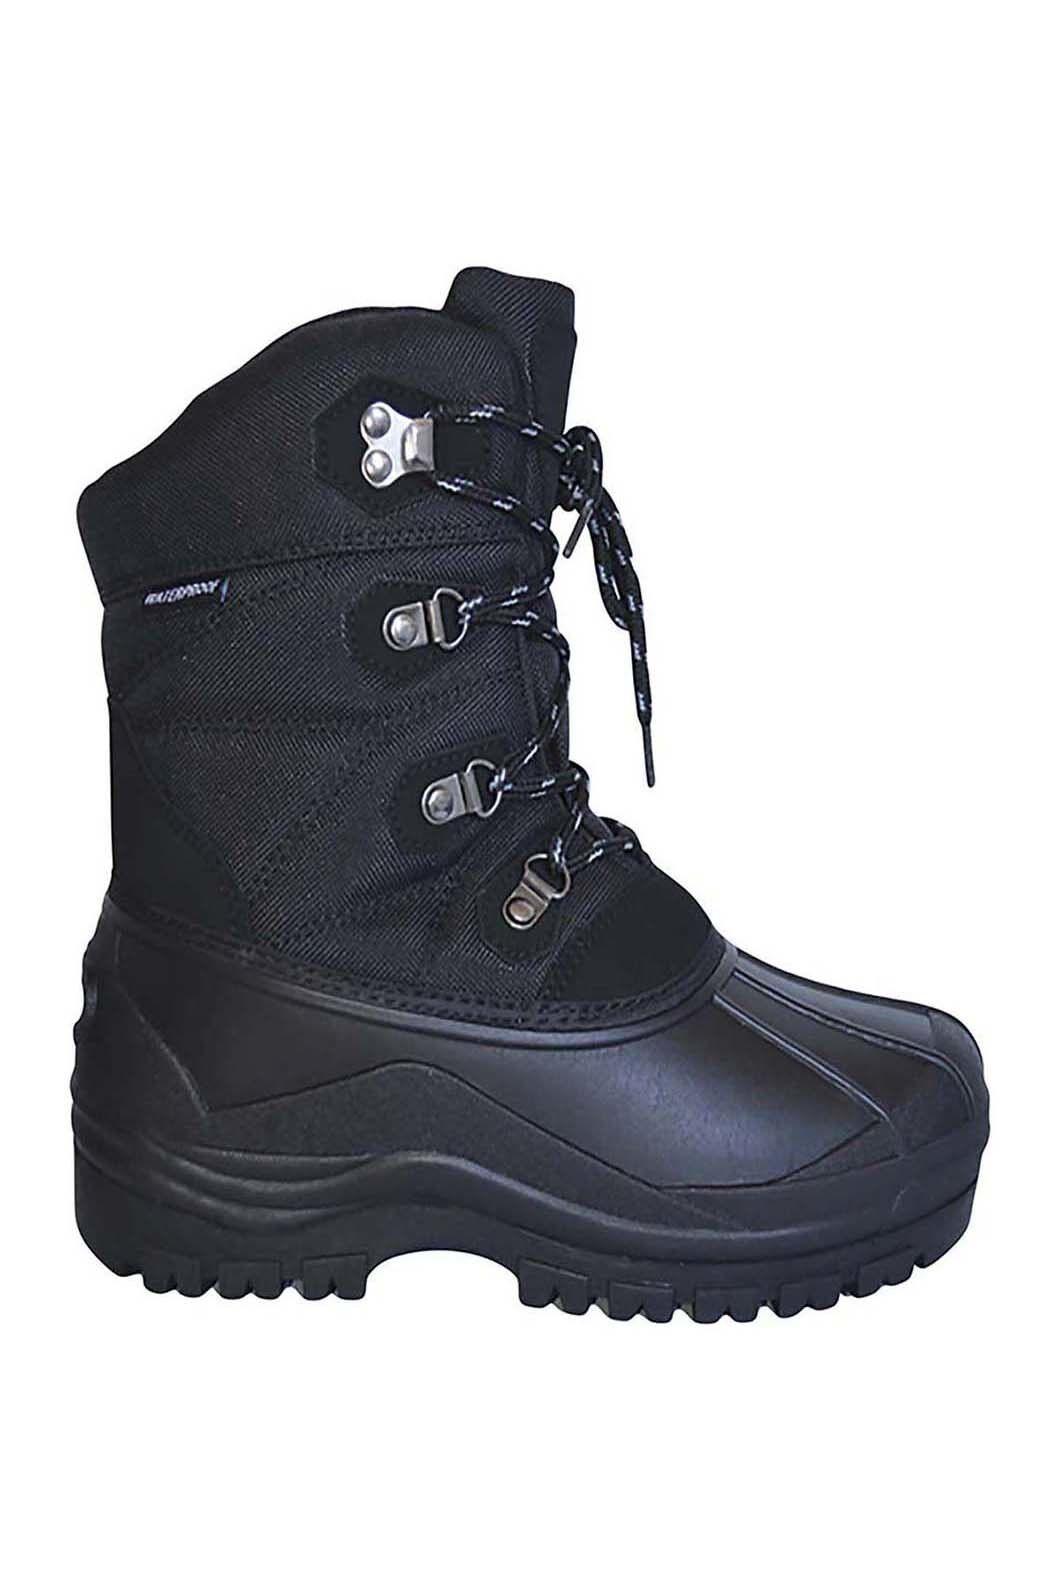 XTM Men's Bolt Snow Boots, Black, hi-res